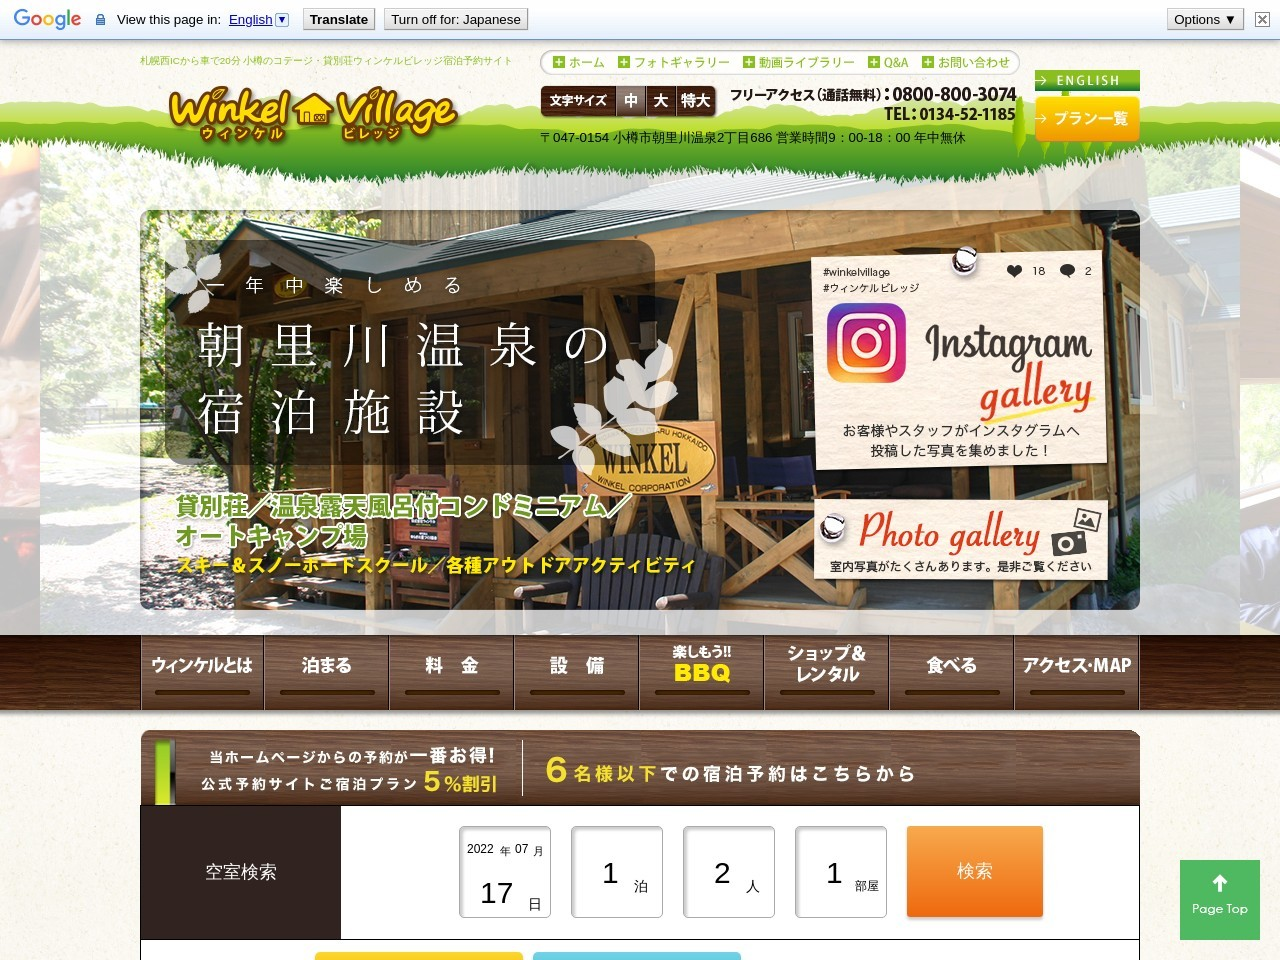 http://www.winkel.co.jp/